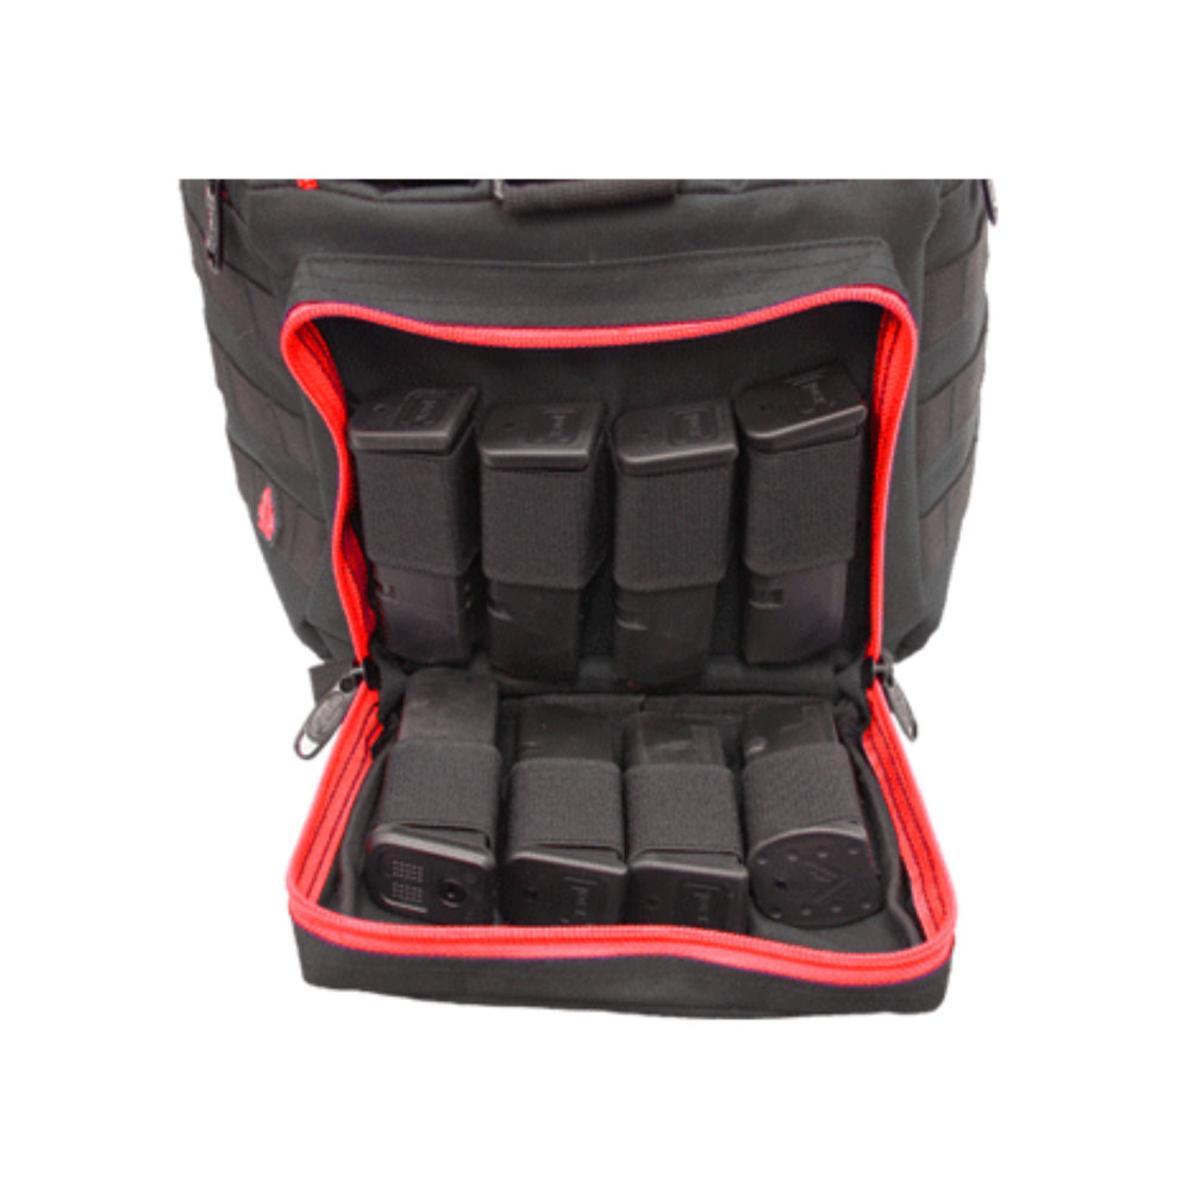 UTG All in One Range//Utility Go Bag